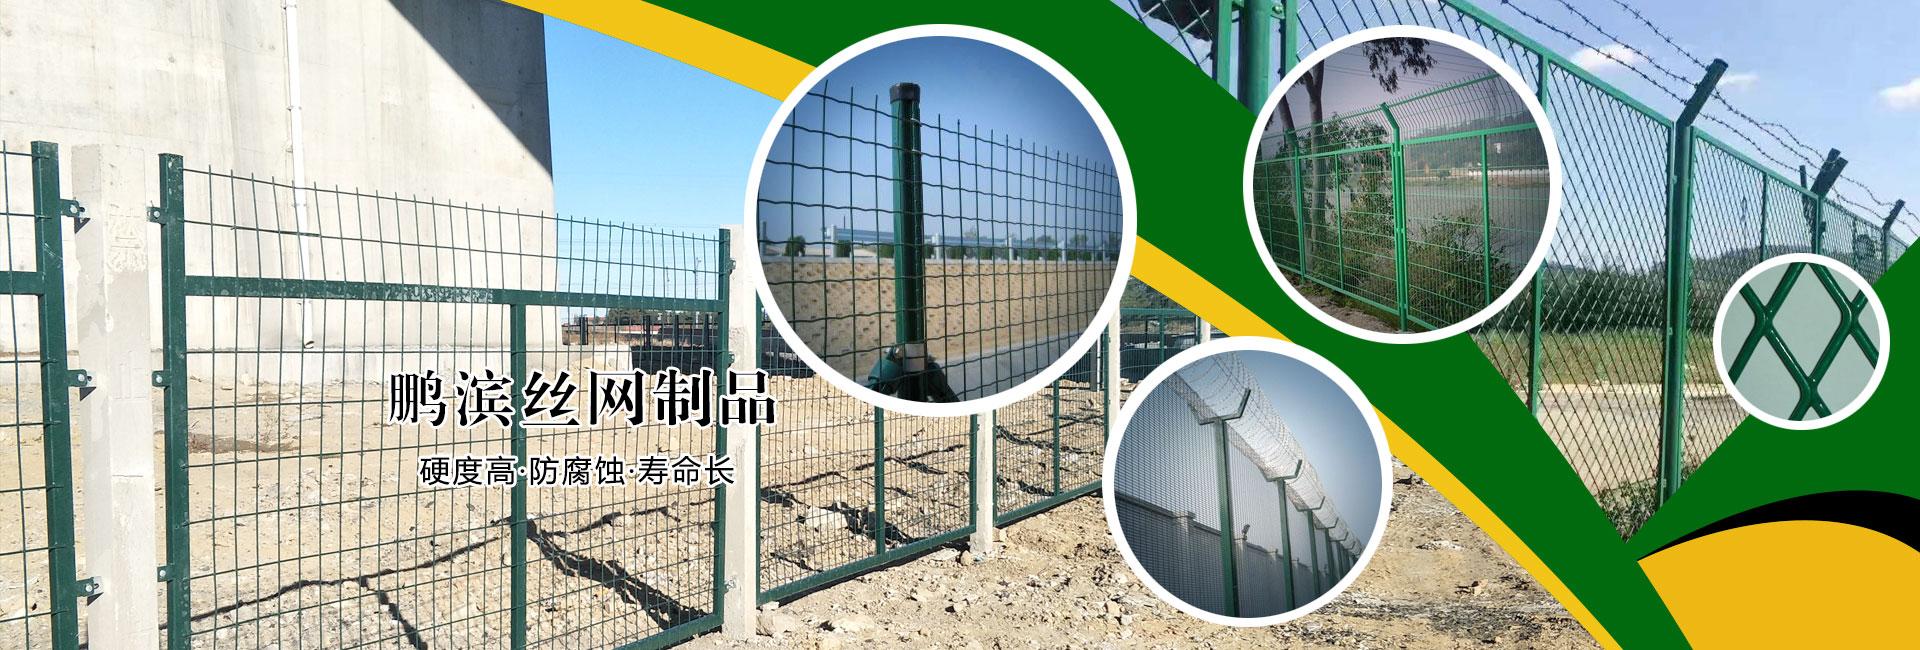 公路護欄網,鐵路護欄網,鋅鋼護欄網,球場護欄網